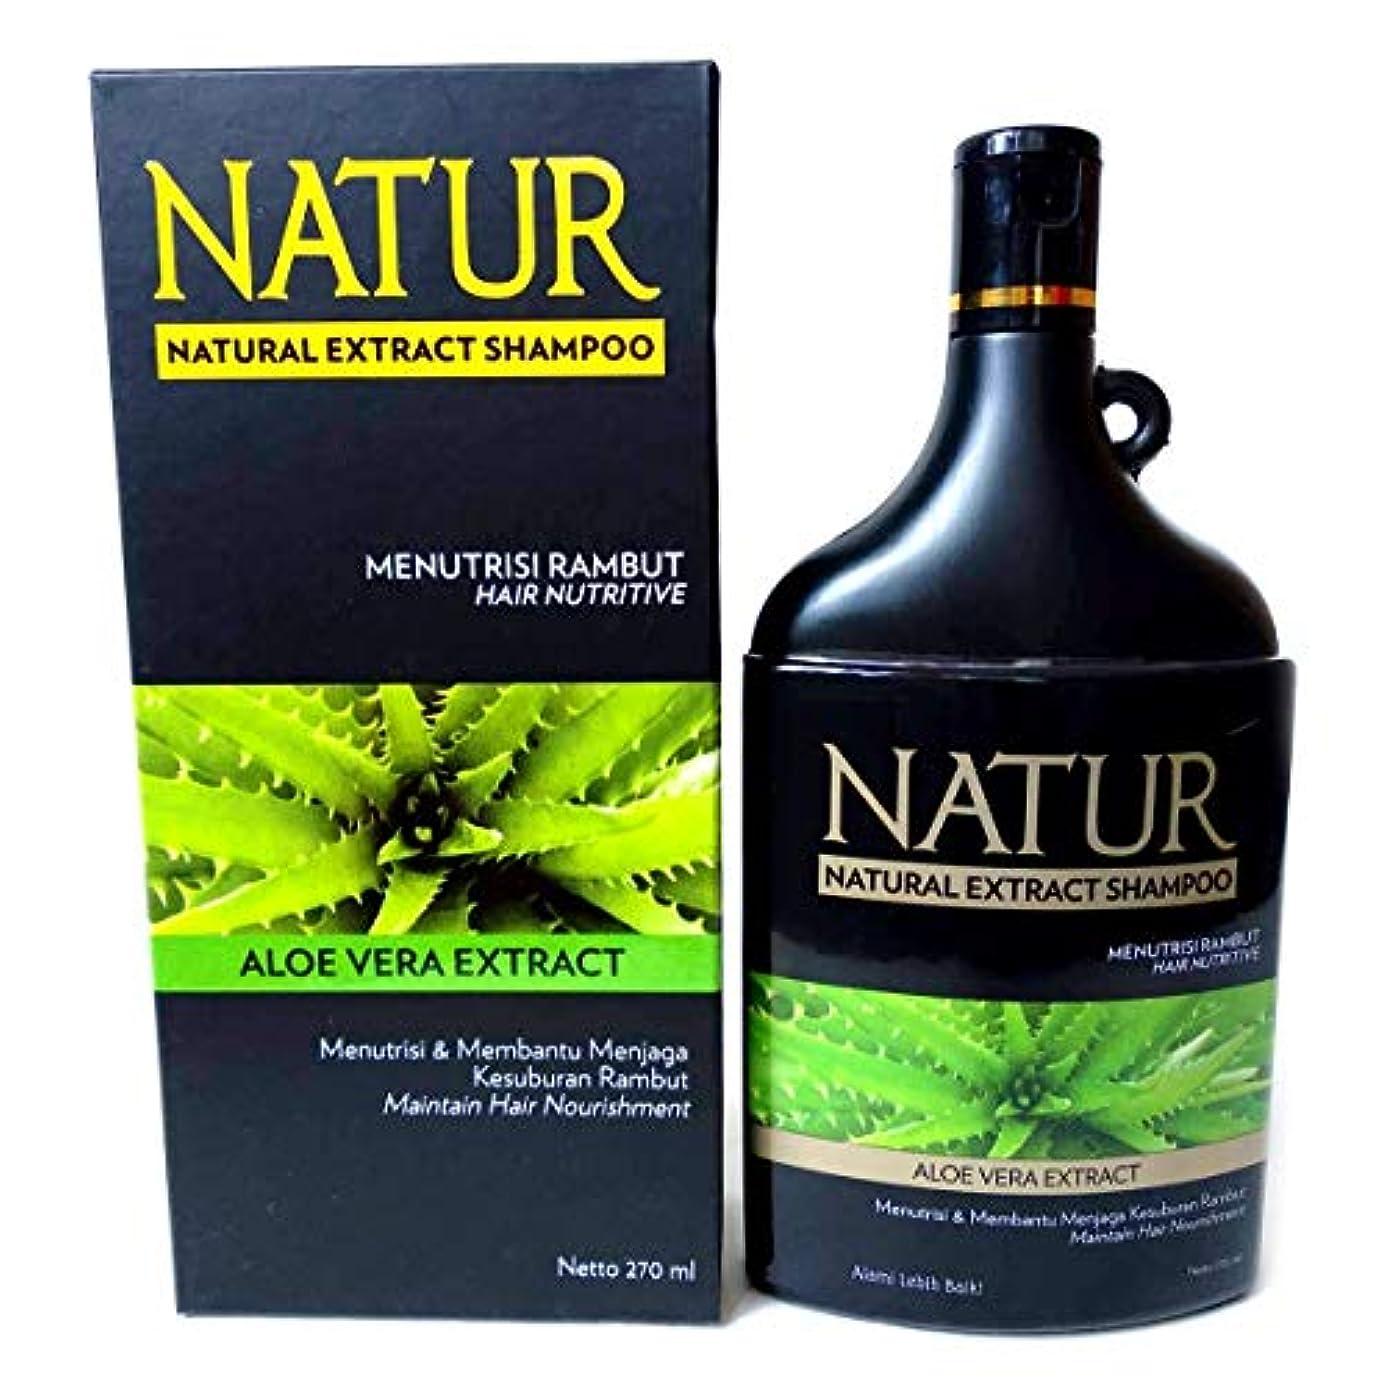 超える雑種非効率的なNATUR ナトゥール 天然植物エキス配合 ハーバルシャンプー 270ml Aloe vera アロエベラ [海外直商品]